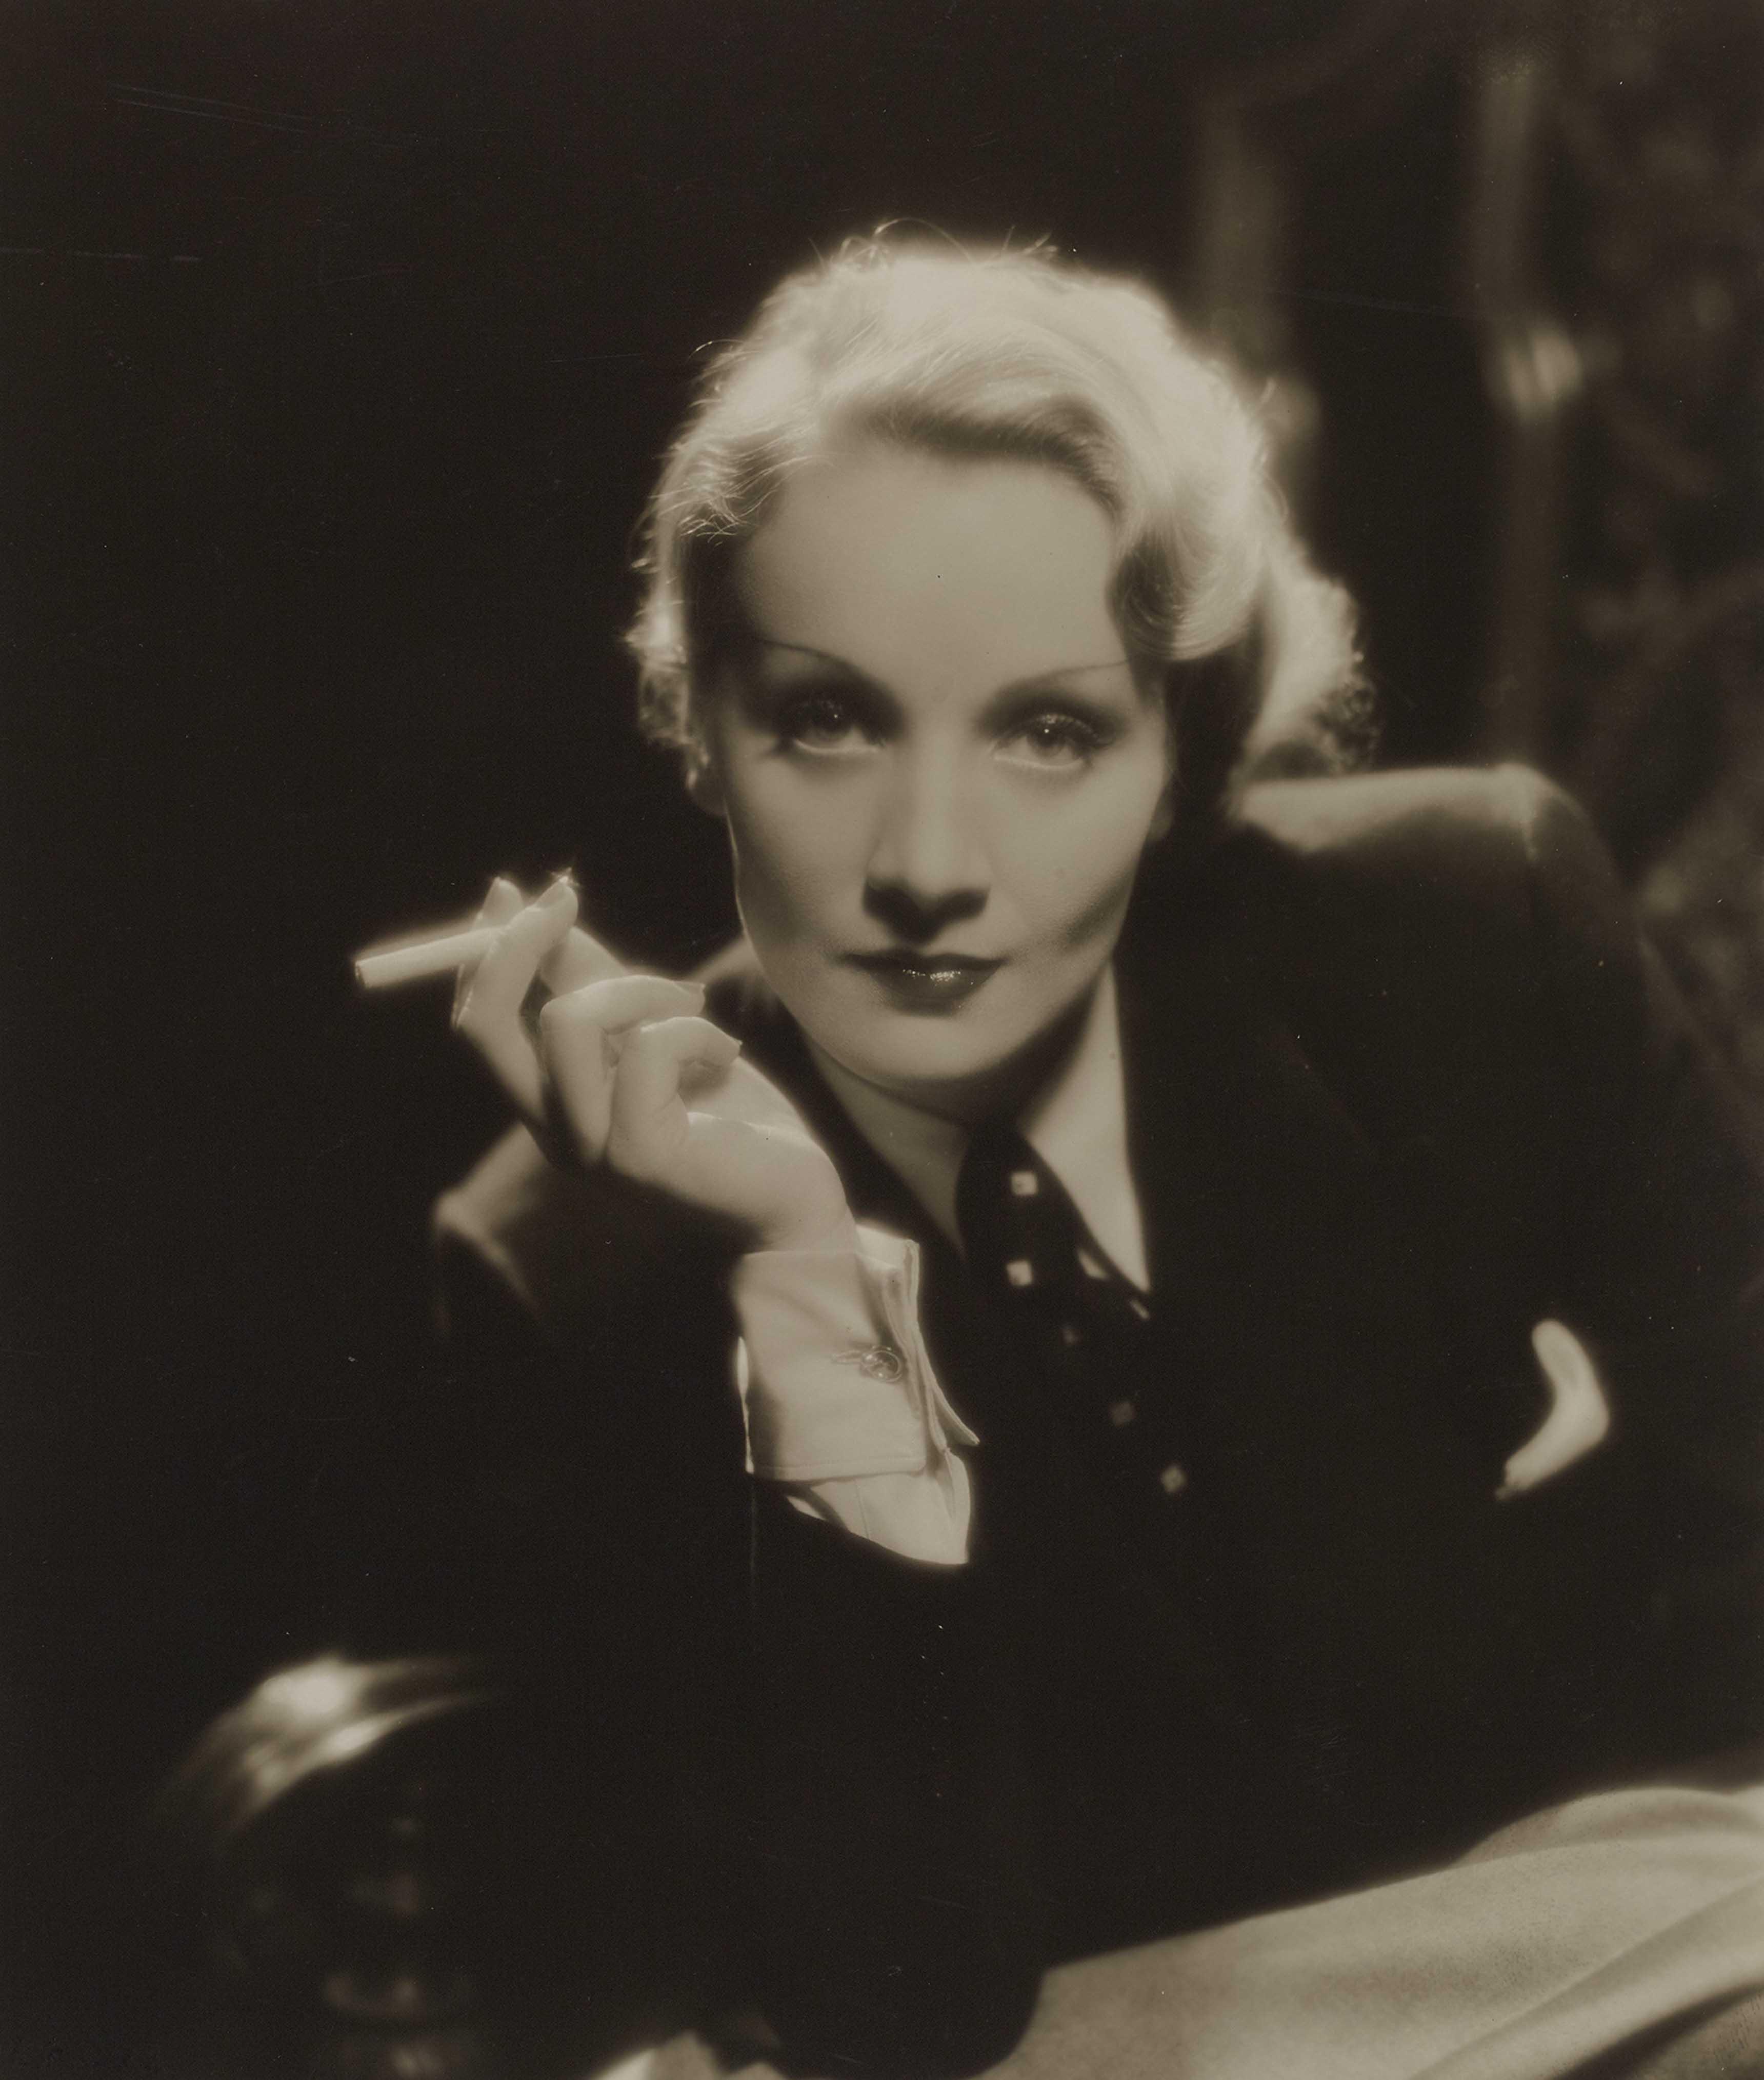 Eugene Richee Marlene Dietrich © Bridgeman Images